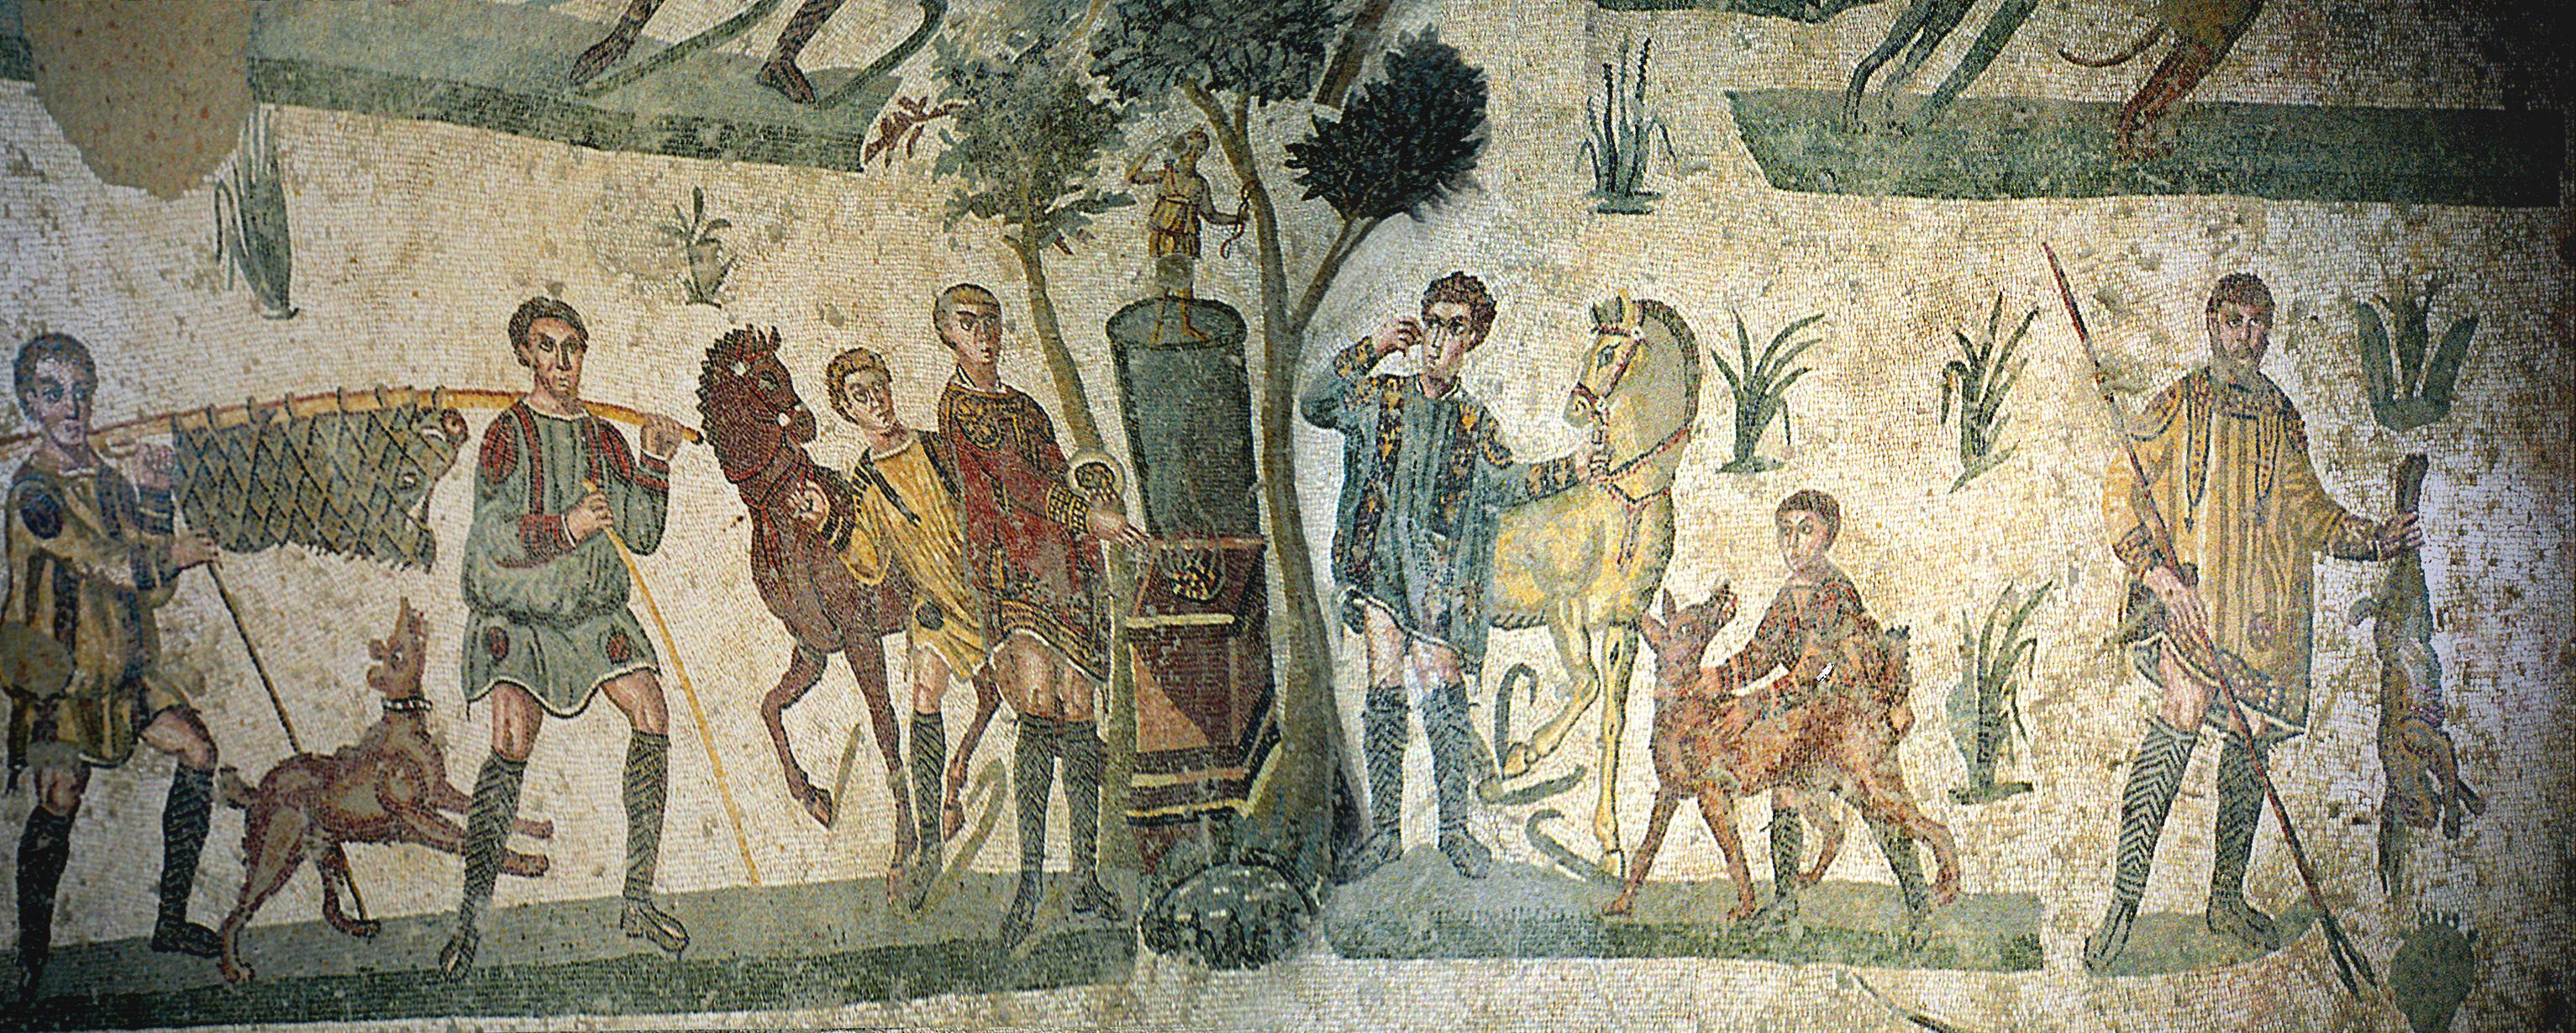 Mosaic in Villa Romana del Casale, by Jerzy Strzelecki, 06.jpg